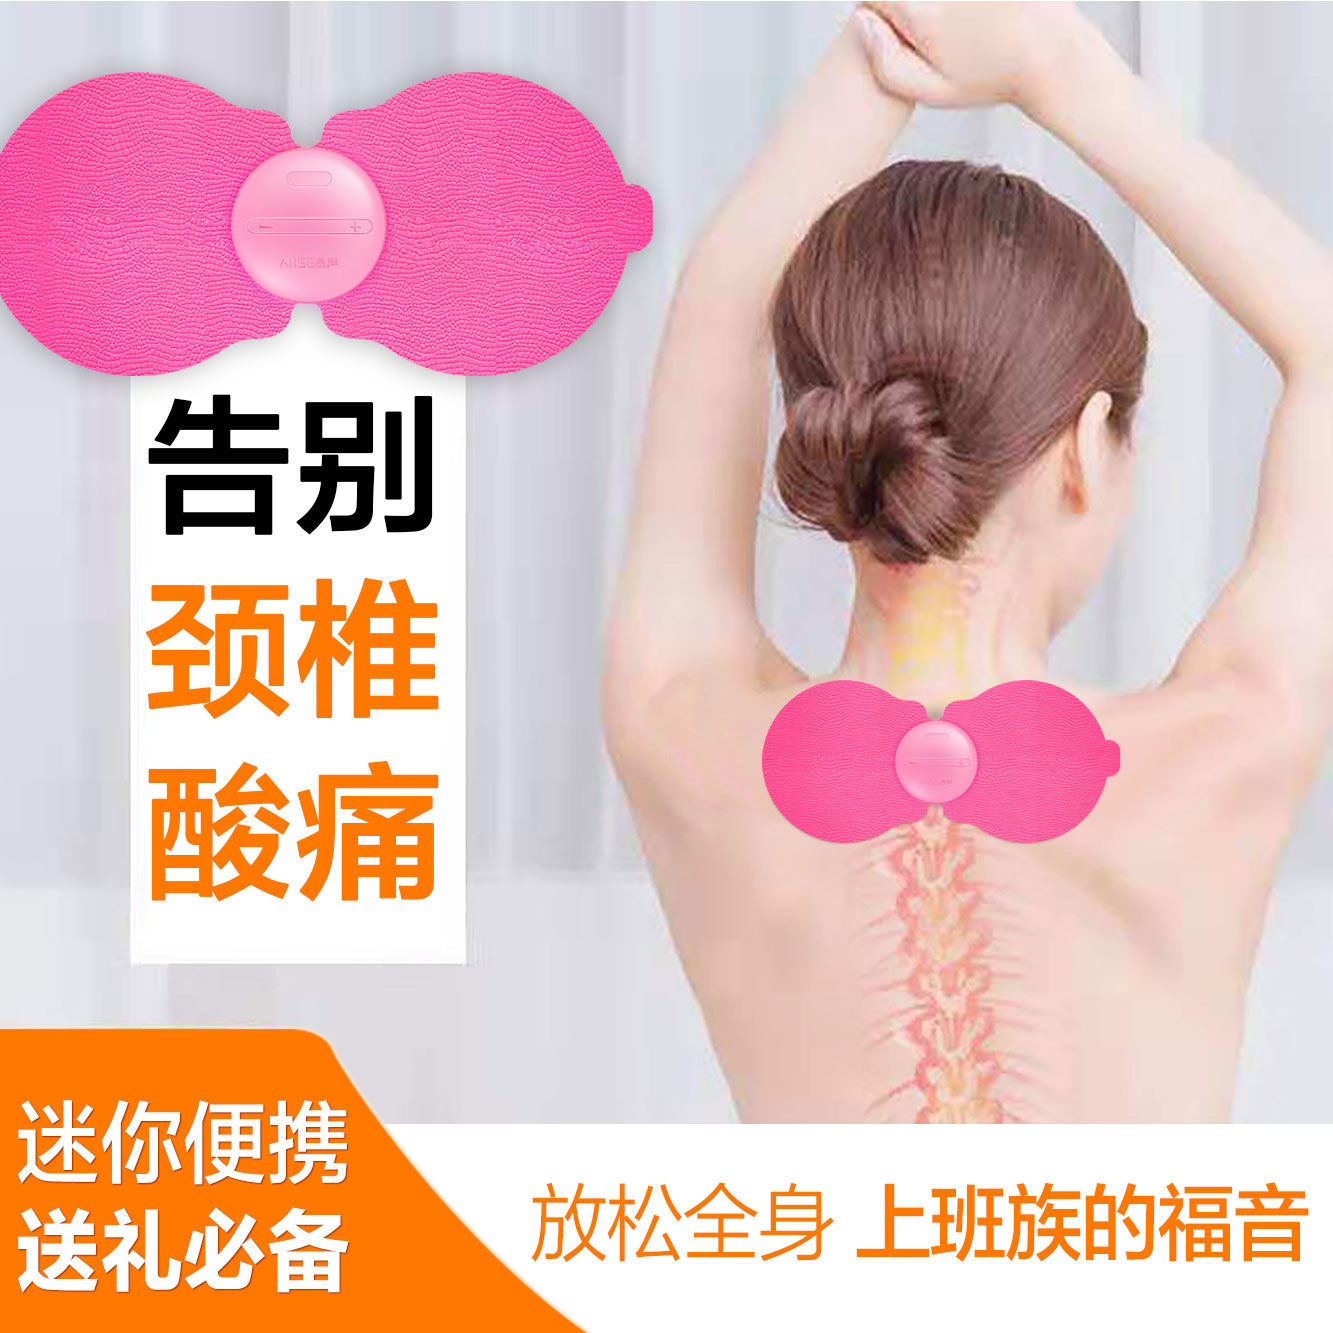 【缓解酸痛】颈椎按摩器肩颈背腰部腿部多功能全身按摩仪器按摩枕